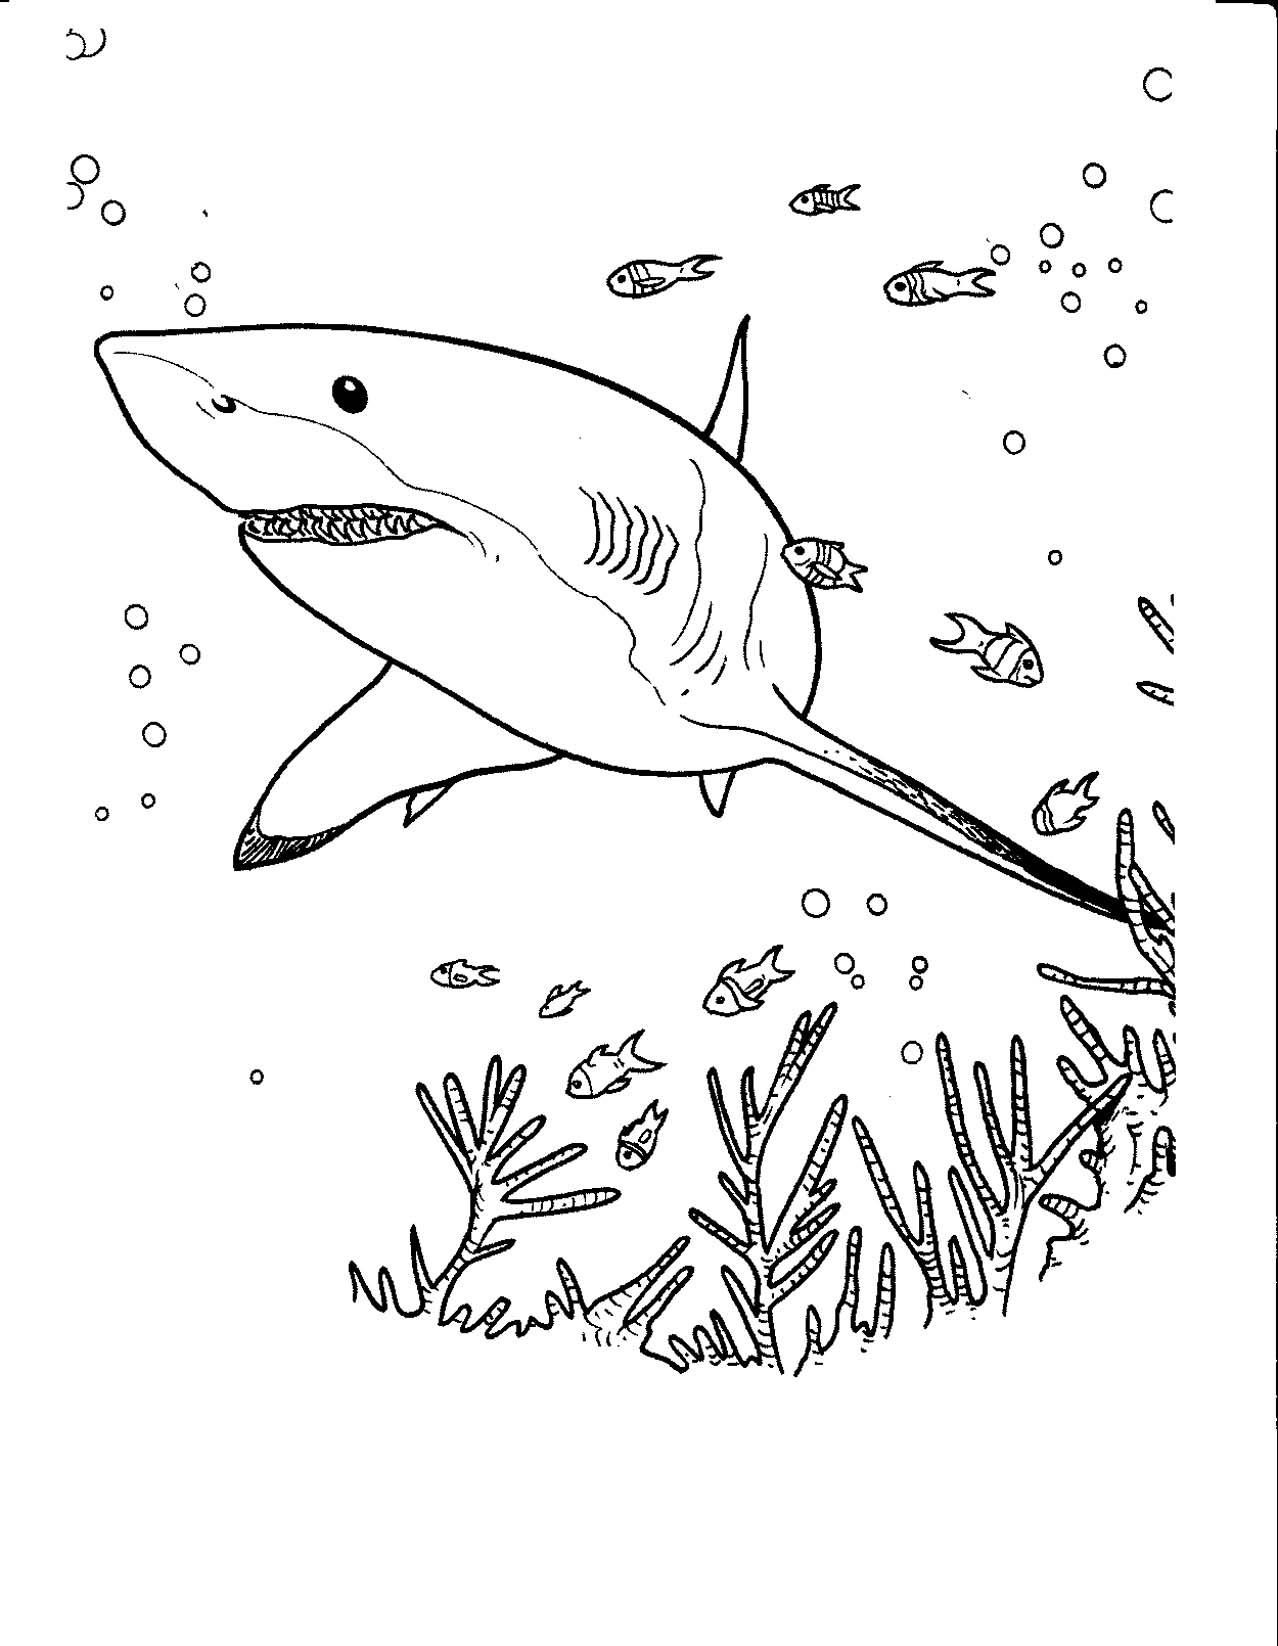 Requin #68 (Animaux) – Coloriages À Imprimer à Coloriage Requin Blanc Imprimer